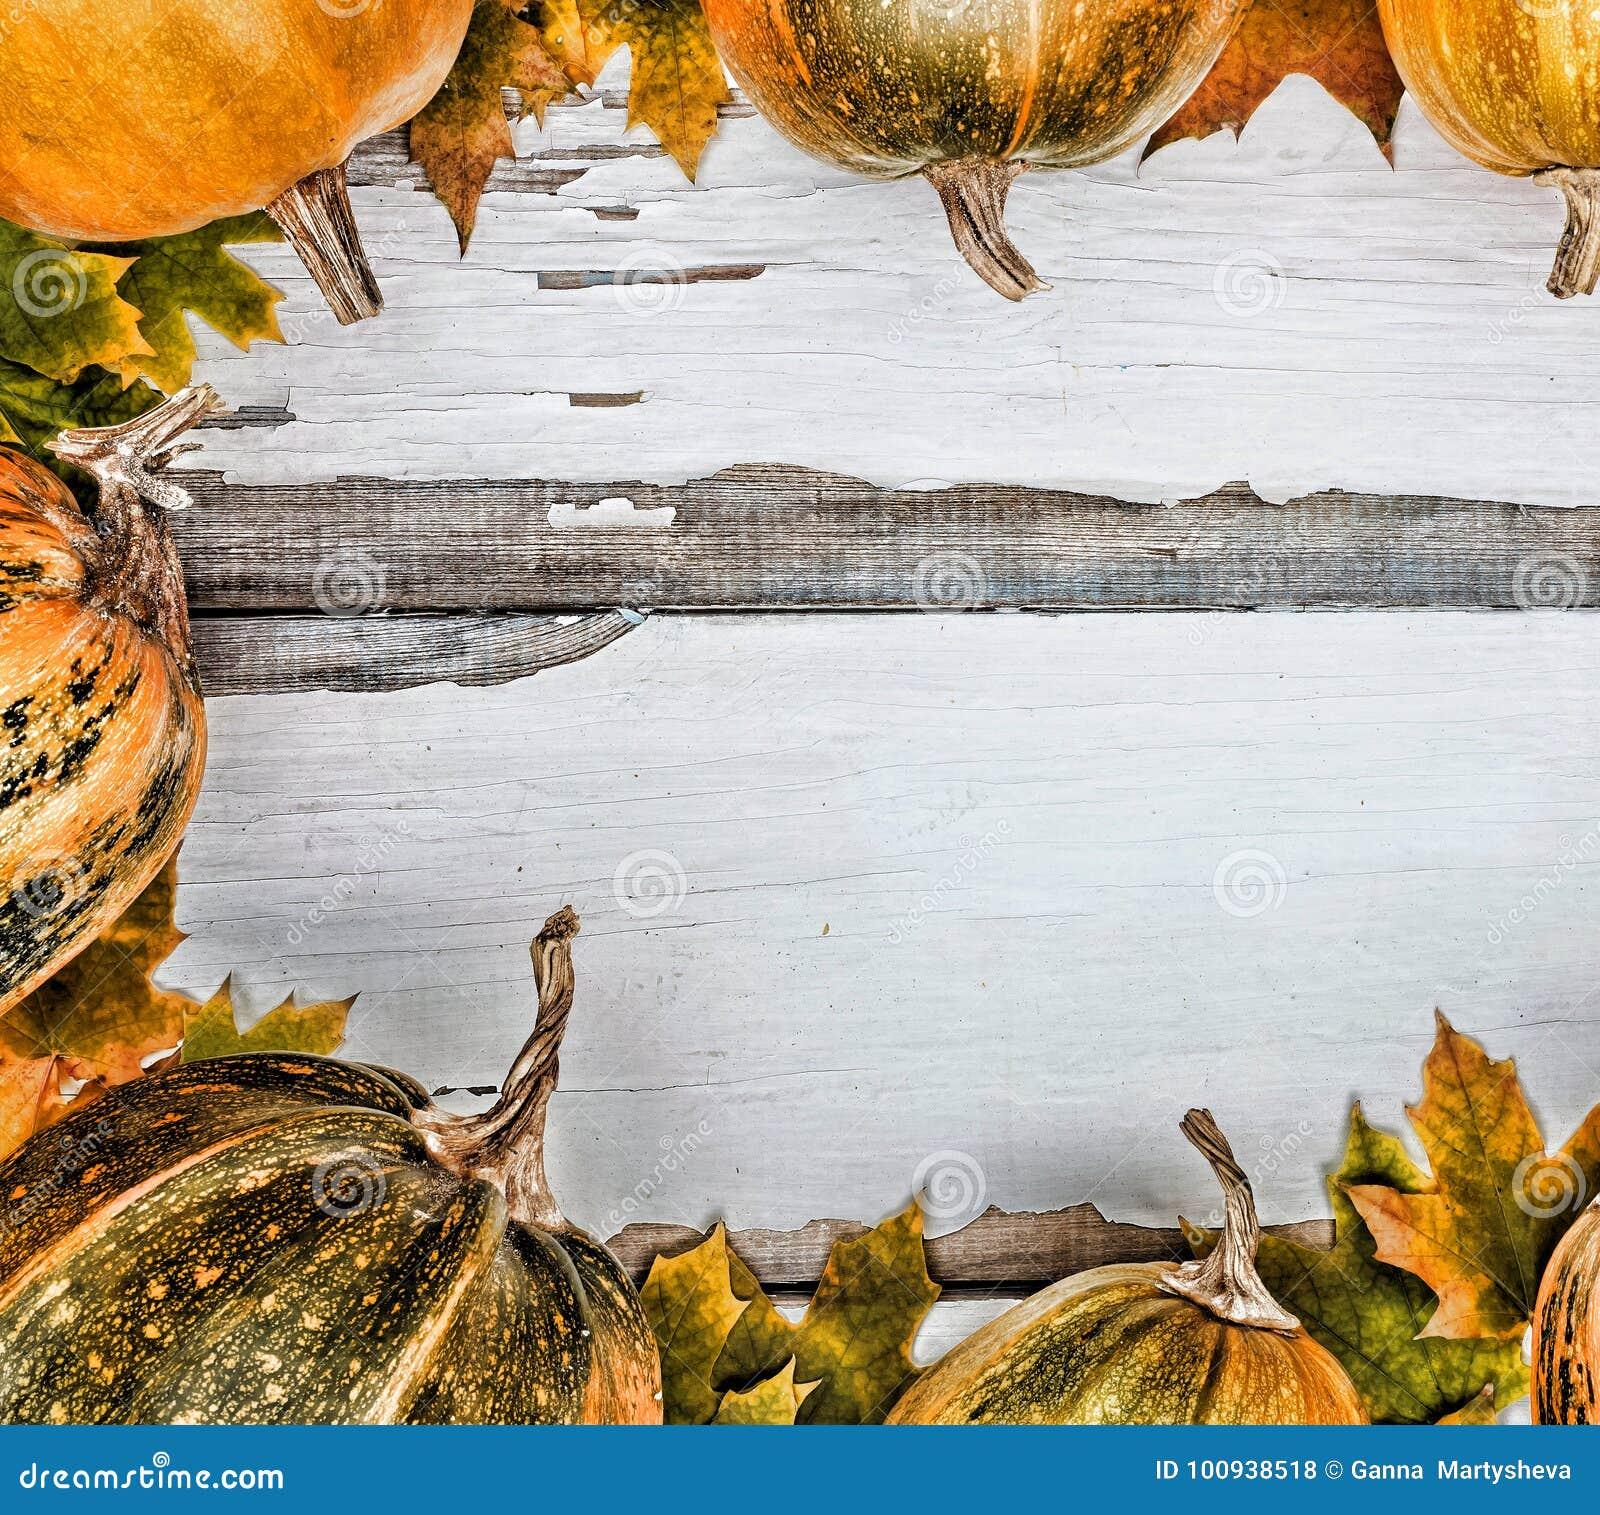 Aunumnbakgrund låter vara livstid över still tacksägelse trä Pumpor på en vit träbakgrund Fritt avstånd för text ovanför sikt